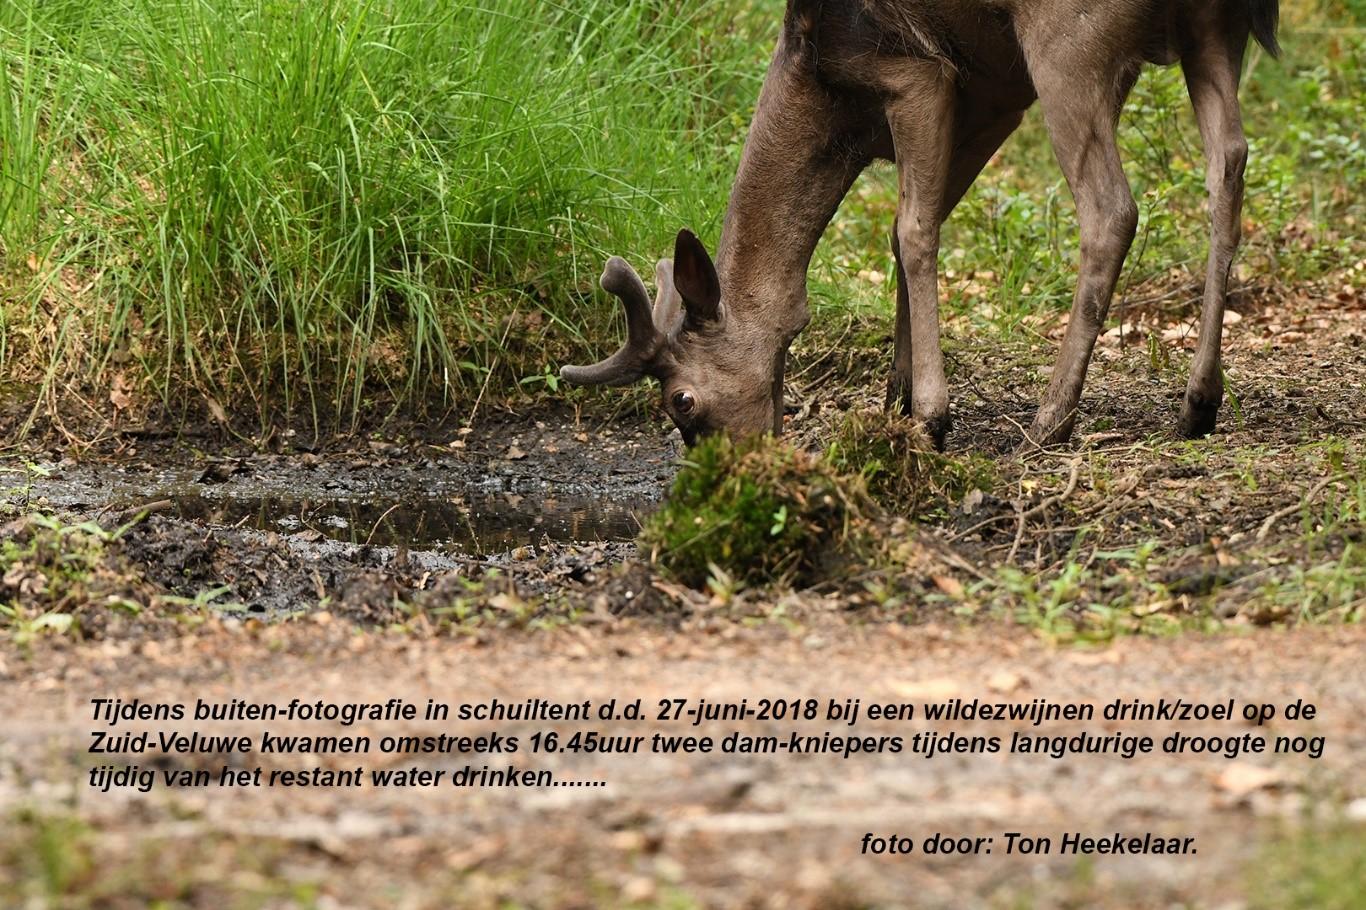 Het grofwild krijgt steeds meer behoefte aan het schaars wordende water - Foto: ©Ton Heekelaar